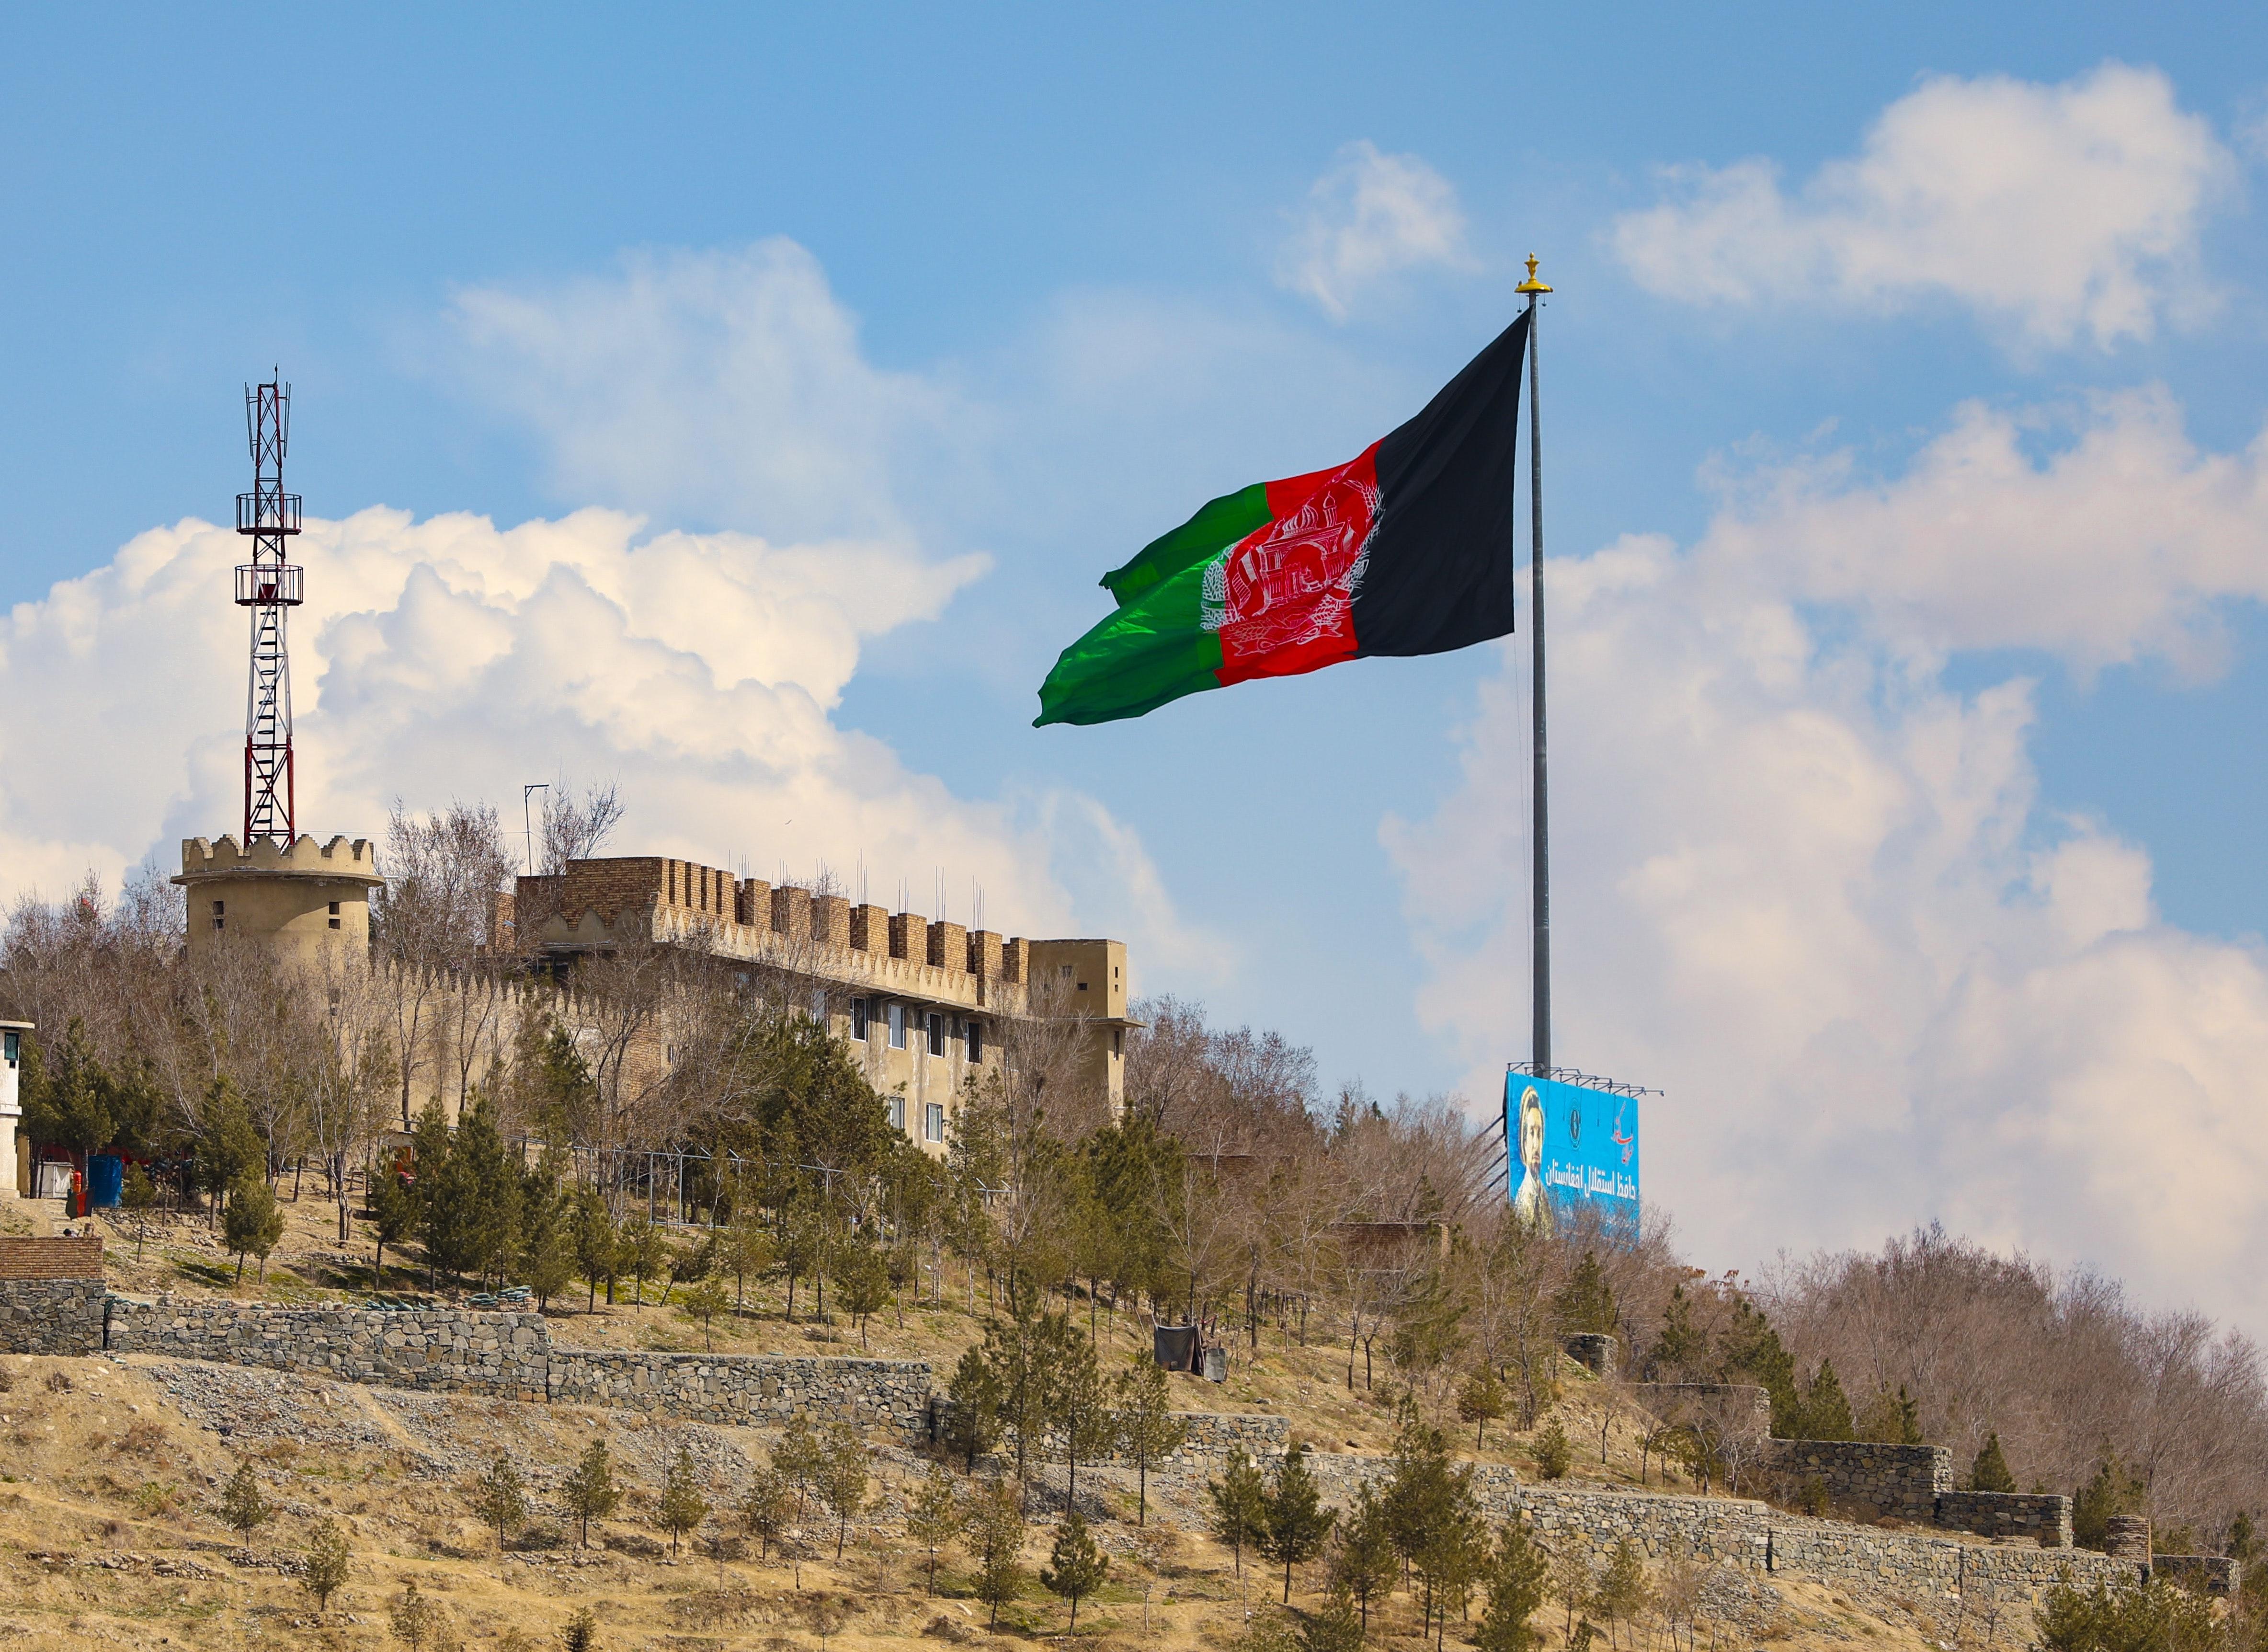 Kabul by Sohaib Ghyasi Unsplash